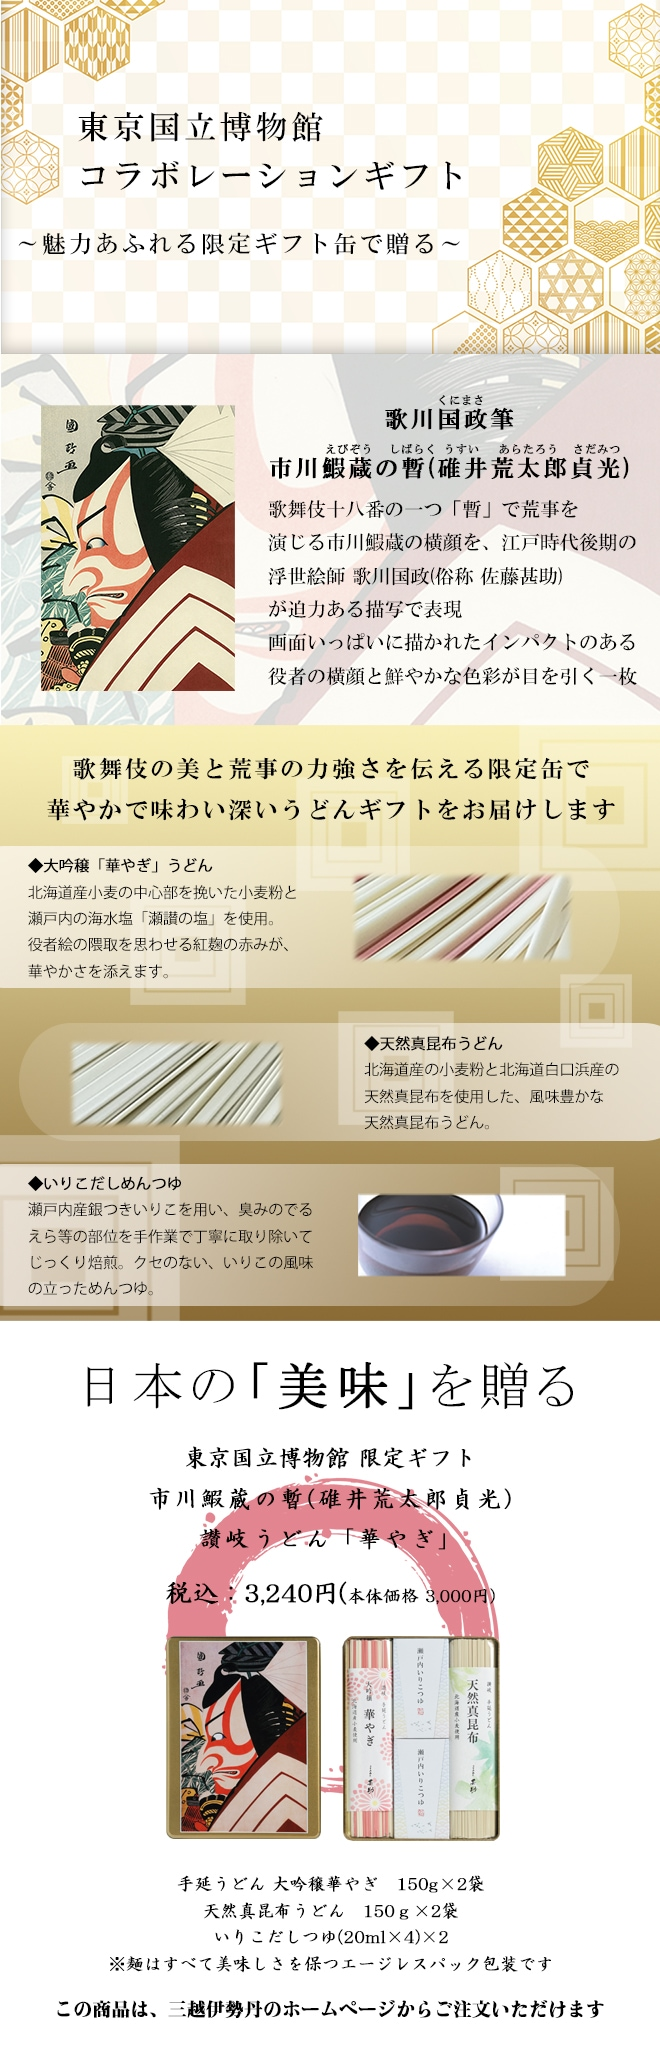 〜東京国立博物館とコラボ この冬の特別なギフトのご紹介〜